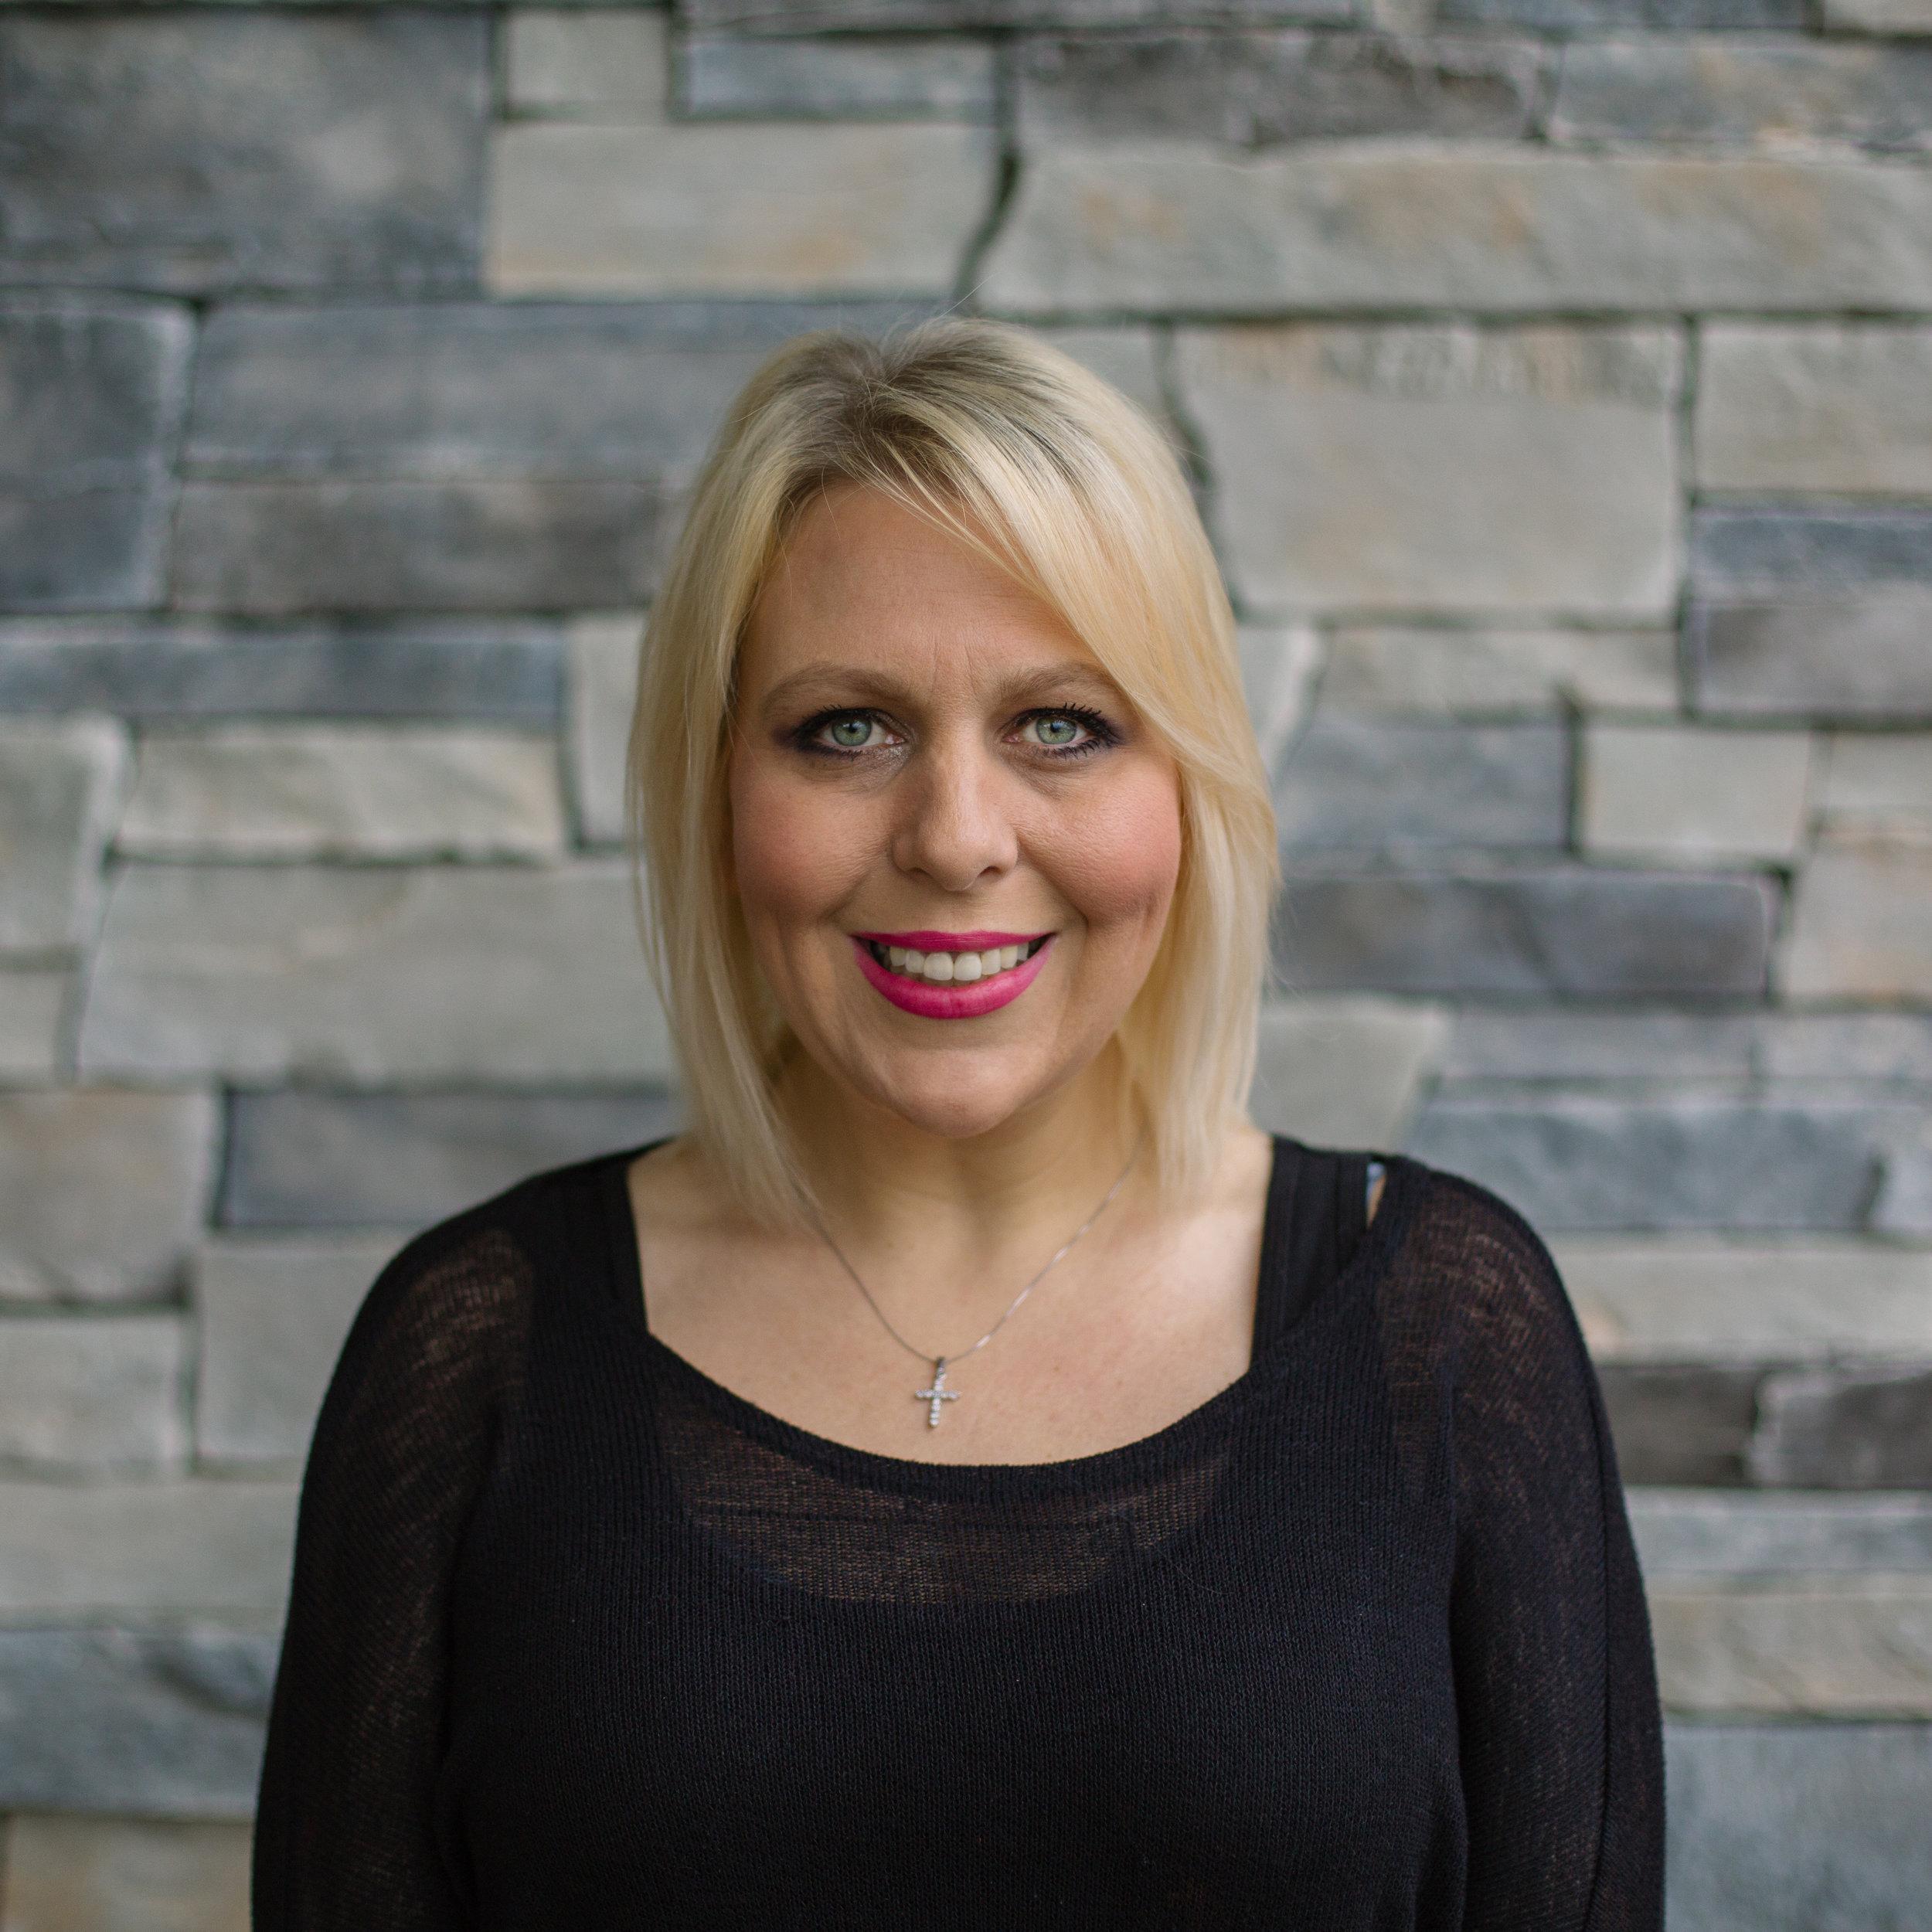 Natalie Schulz - Outreach Coordinator